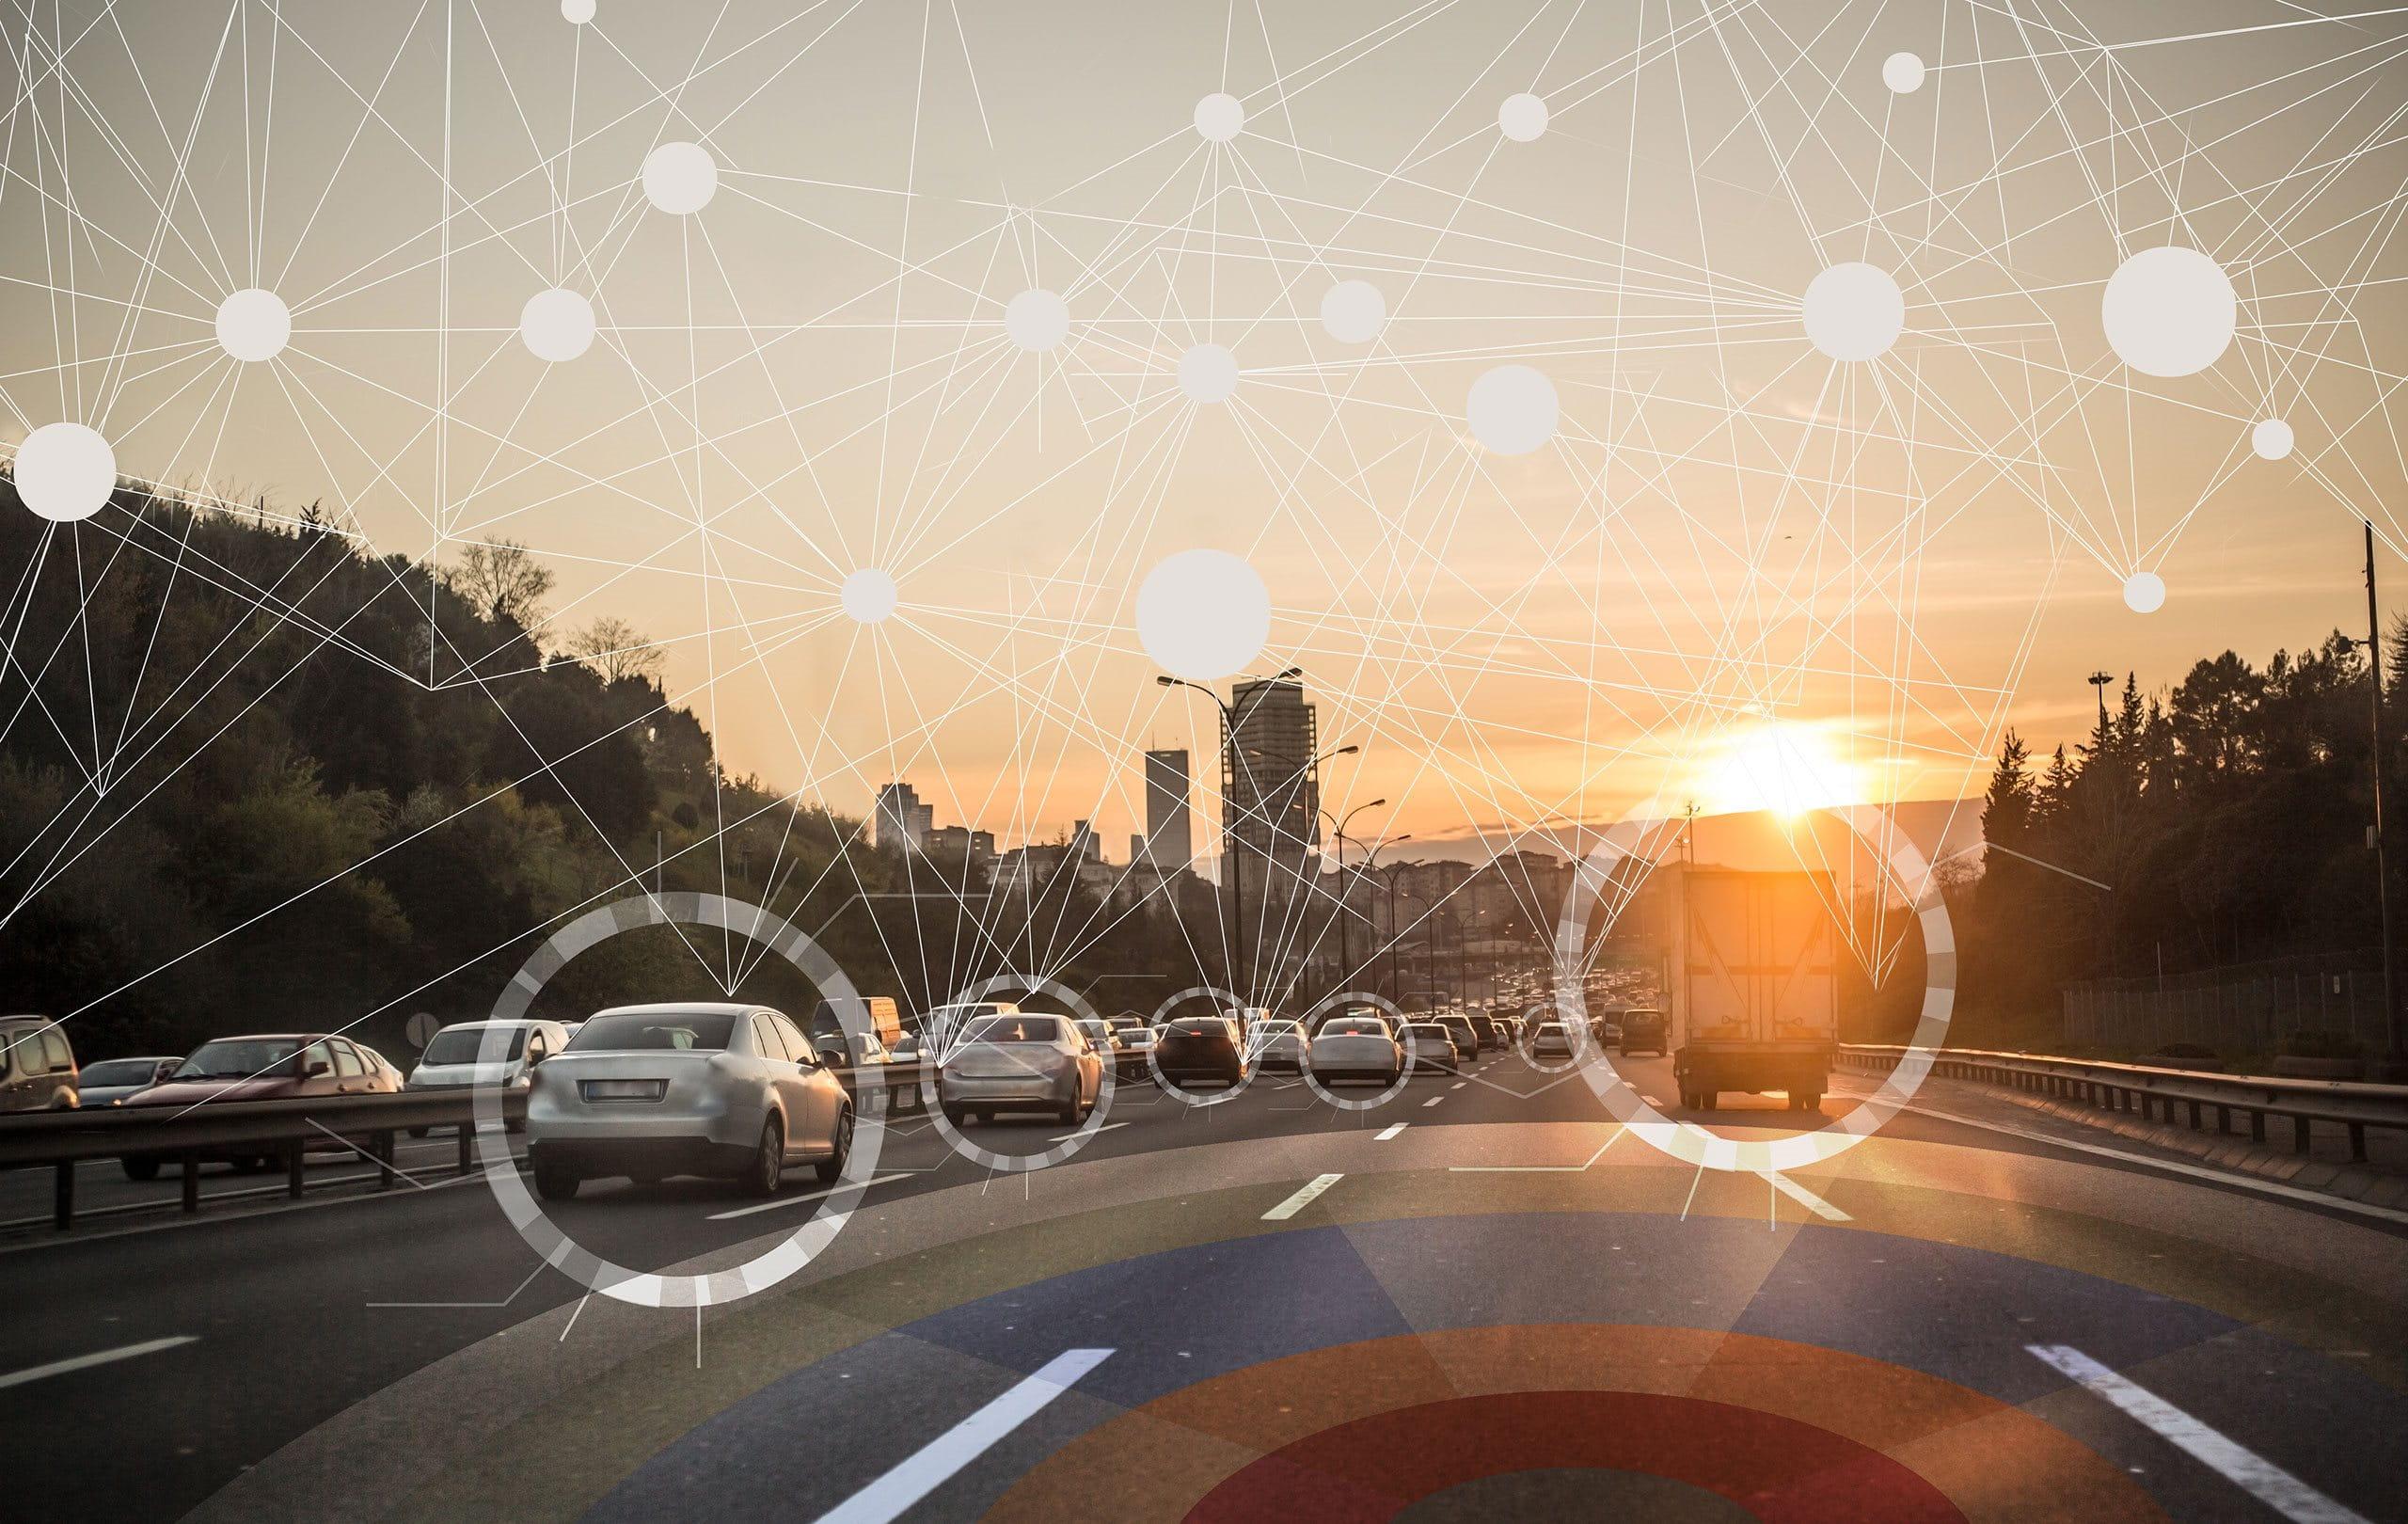 Auto digital markiert auf Autostrasse